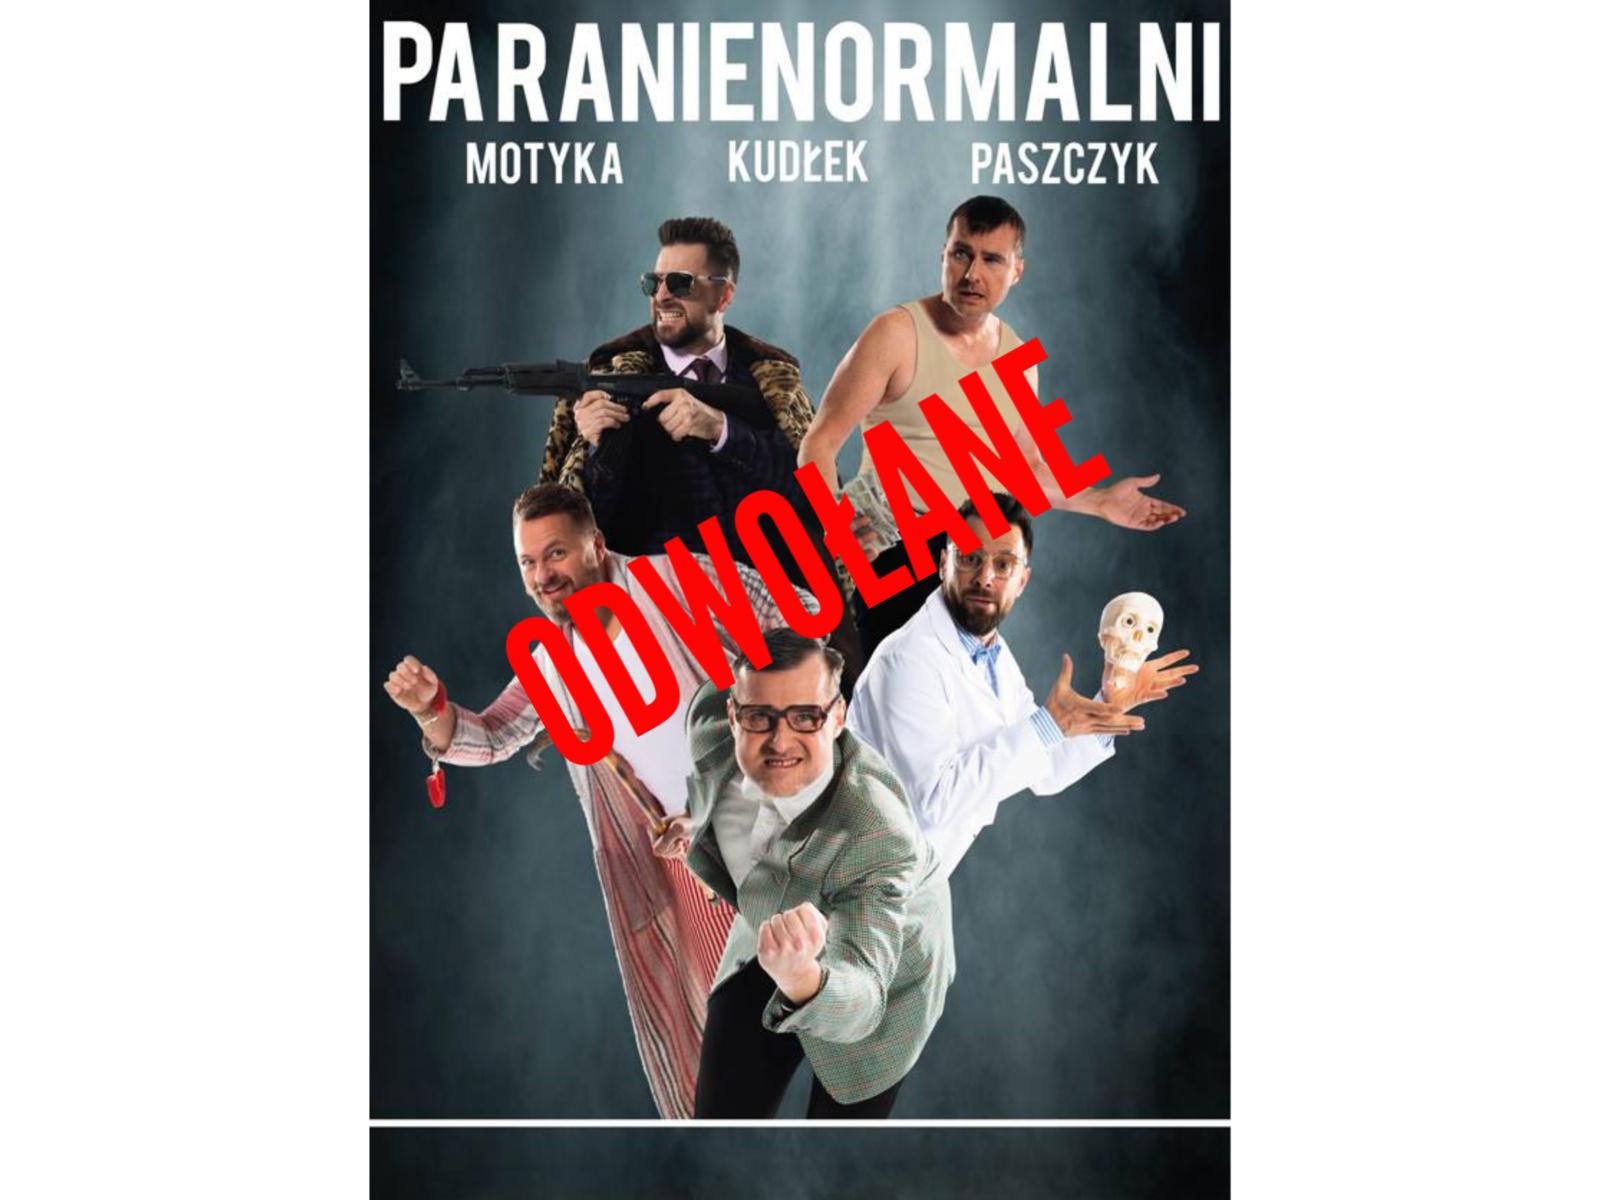 """Kabaret Paranienormalni """"Z humorem trzeba żyć"""" – ODWOŁANE"""